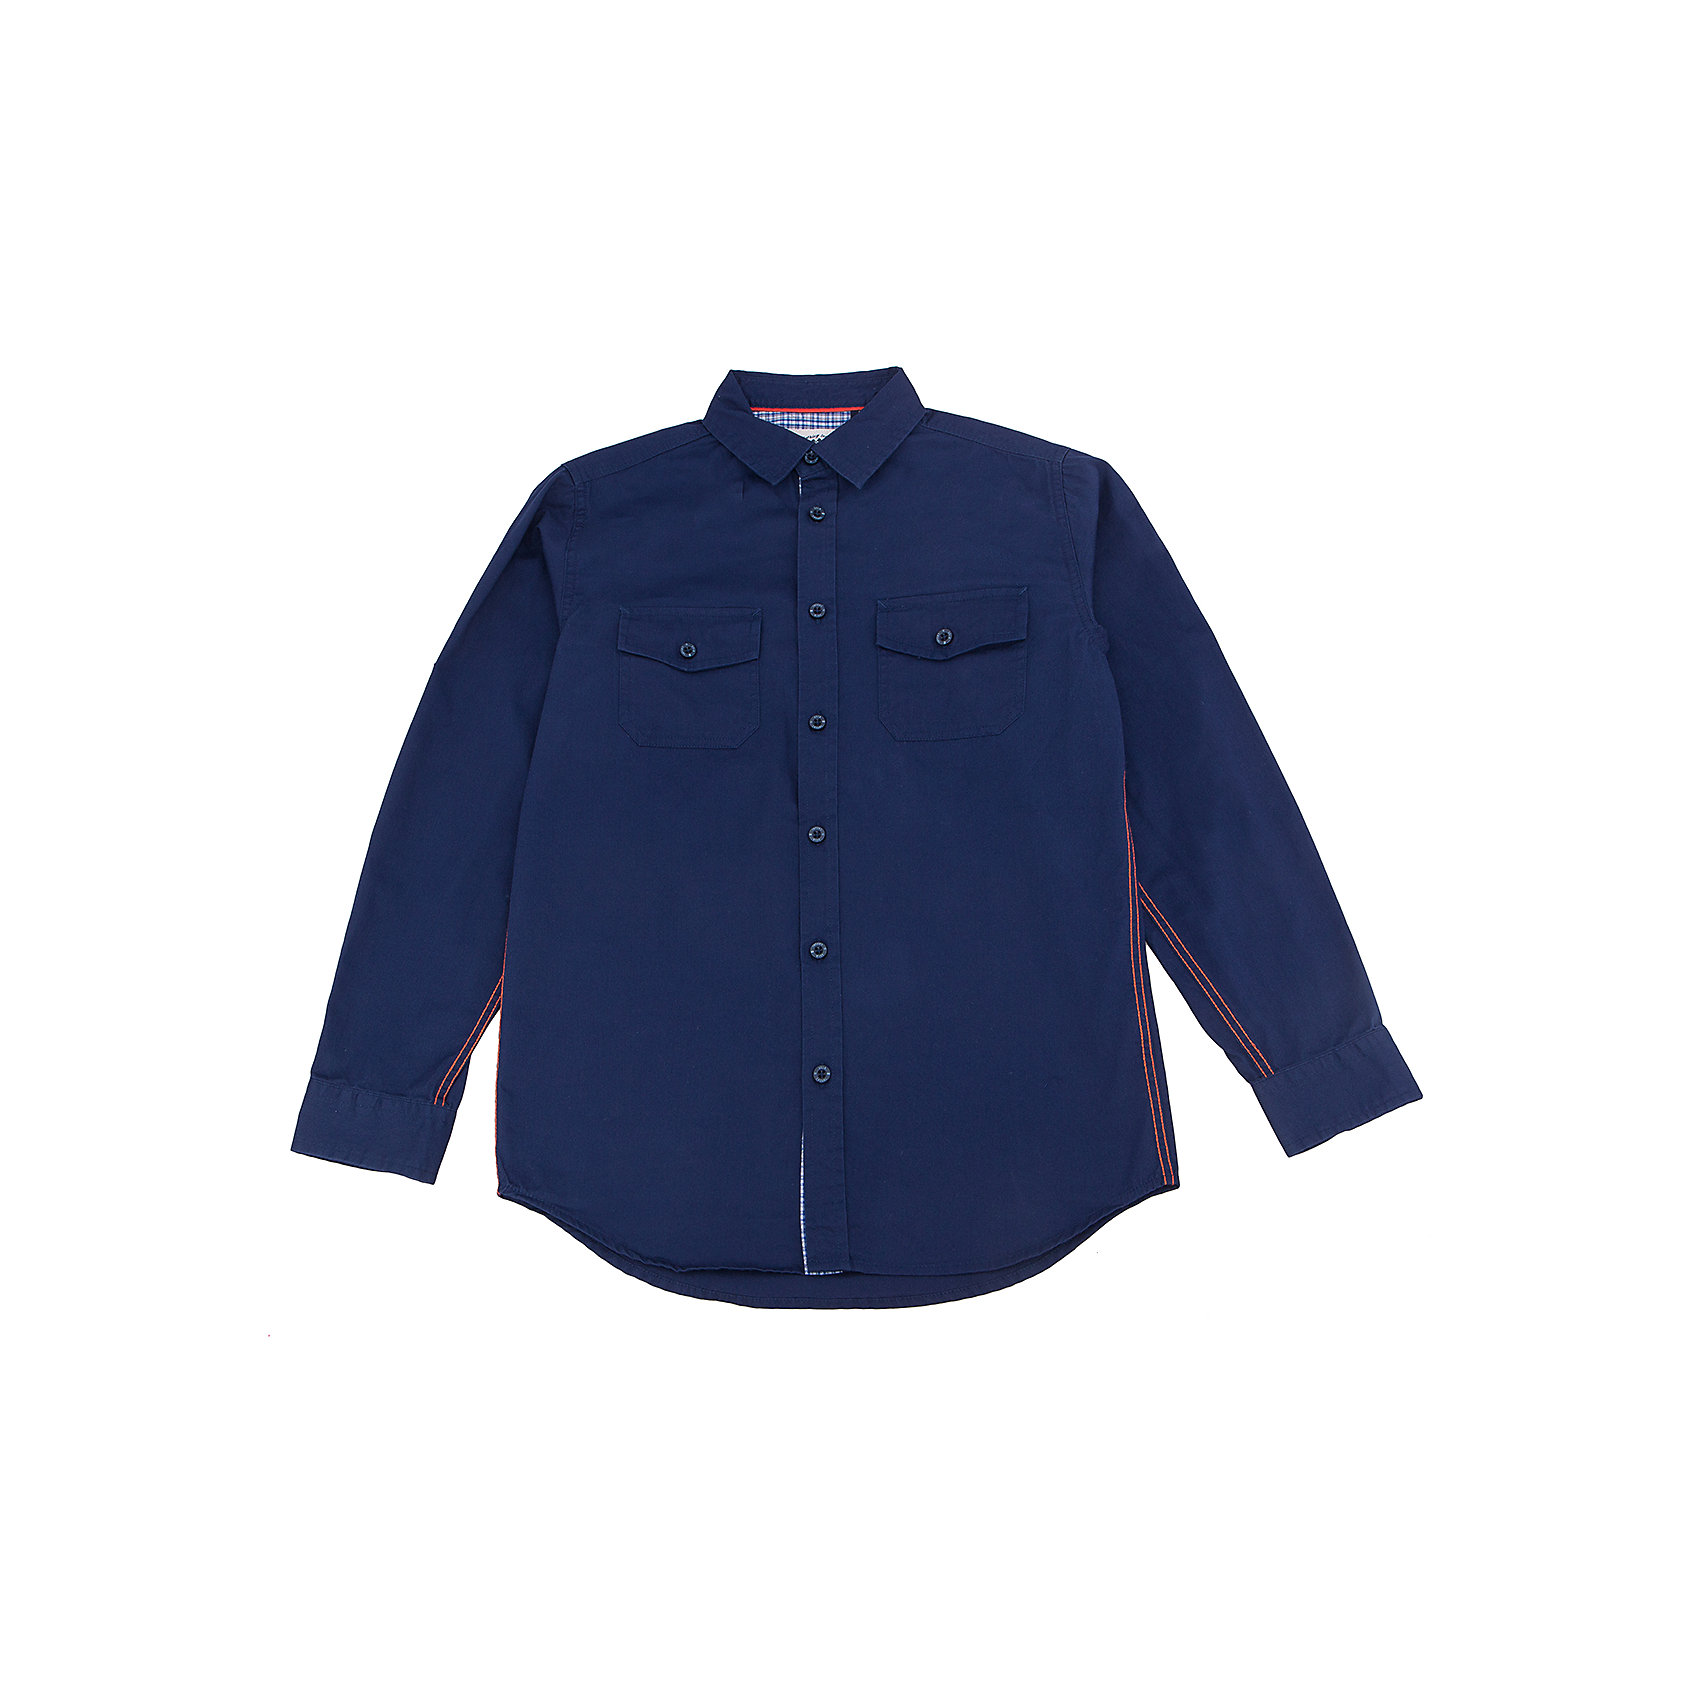 Рубашка для мальчика SELAБлузки и рубашки<br>Характеристики товара:<br><br>• цвет: тёмно-синий<br>• состав: 100% хлопок<br>• прямой силуэт<br>• пуговицы<br>• длинные рукава с опцией подгибки<br>• отложной воротник<br>• два кармана на пуговицах<br>• коллекция весна-лето 2017<br>• страна бренда: Российская Федерация<br>• страна изготовитель: Китай<br><br>Вещи из новой коллекции SELA продолжают радовать удобством! Модная рубашка для мальчика поможет разнообразить гардероб ребенка и обеспечить комфорт. Она отлично сочетается с джинсами и брюками. Очень стильно смотрится!<br><br>Одежда, обувь и аксессуары от российского бренда SELA не зря пользуются большой популярностью у детей и взрослых! Модели этой марки - стильные и удобные, цена при этом неизменно остается доступной. Для их производства используются только безопасные, качественные материалы и фурнитура. Новая коллекция поддерживает хорошие традиции бренда! <br><br>Рубашку для мальчика от популярного бренда SELA (СЕЛА) можно купить в нашем интернет-магазине.<br><br>Ширина мм: 174<br>Глубина мм: 10<br>Высота мм: 169<br>Вес г: 157<br>Цвет: синий<br>Возраст от месяцев: 108<br>Возраст до месяцев: 120<br>Пол: Мужской<br>Возраст: Детский<br>Размер: 140,134,128,122,116,152,146<br>SKU: 5305515